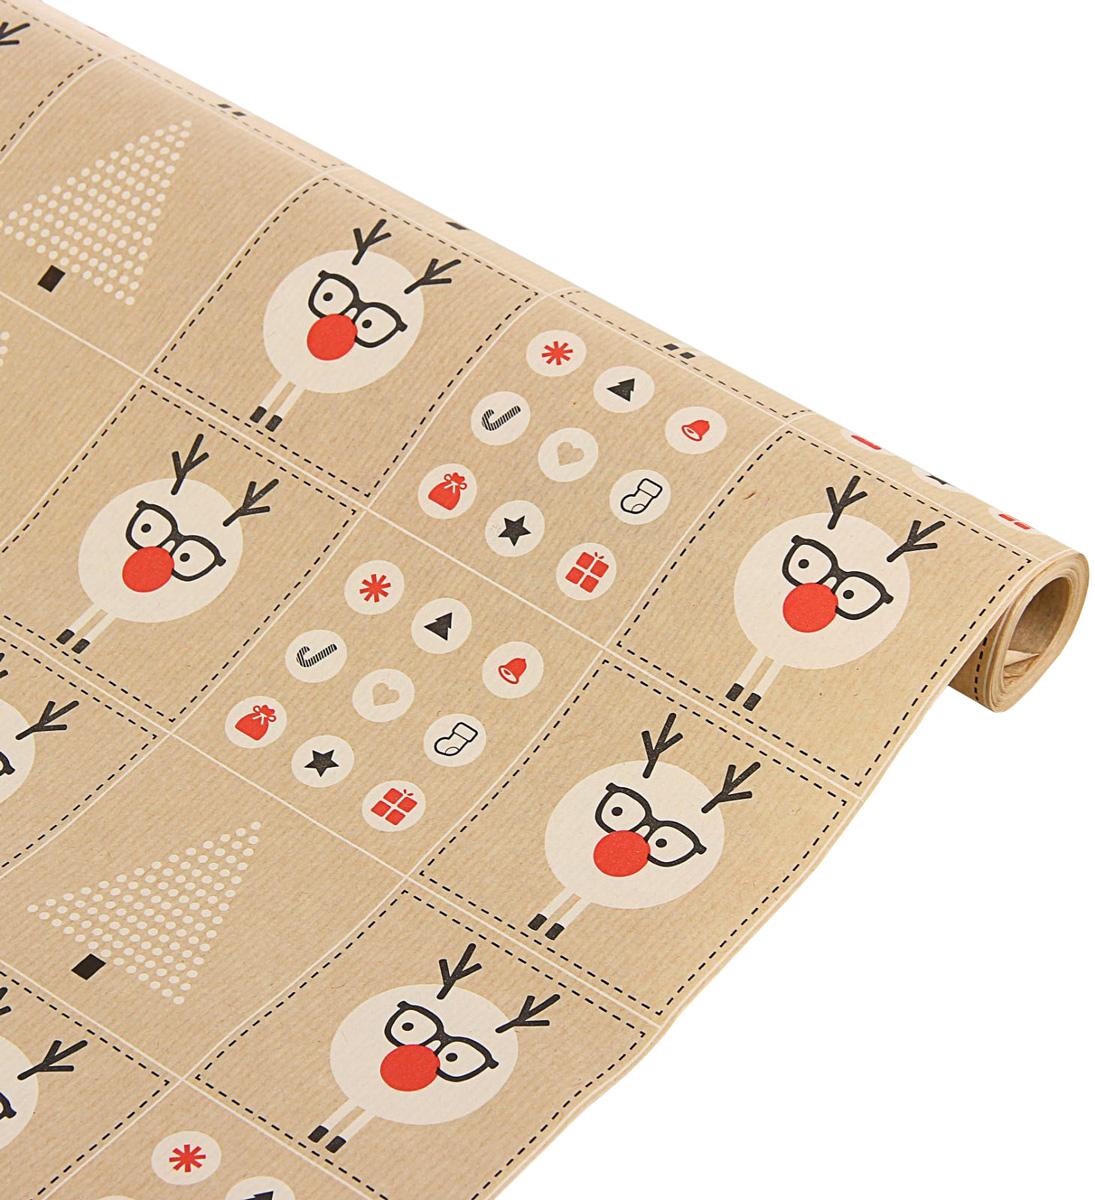 Бумага упаковочная Sima-land Снежные приключения, крафт, 70 х 100 см1589637Это стильный и модный тренд в декоре и упаковке. Она универсальна в оформлении любой продукции и подарка и сделает даже обычный презент заметным, приятным и стильным.